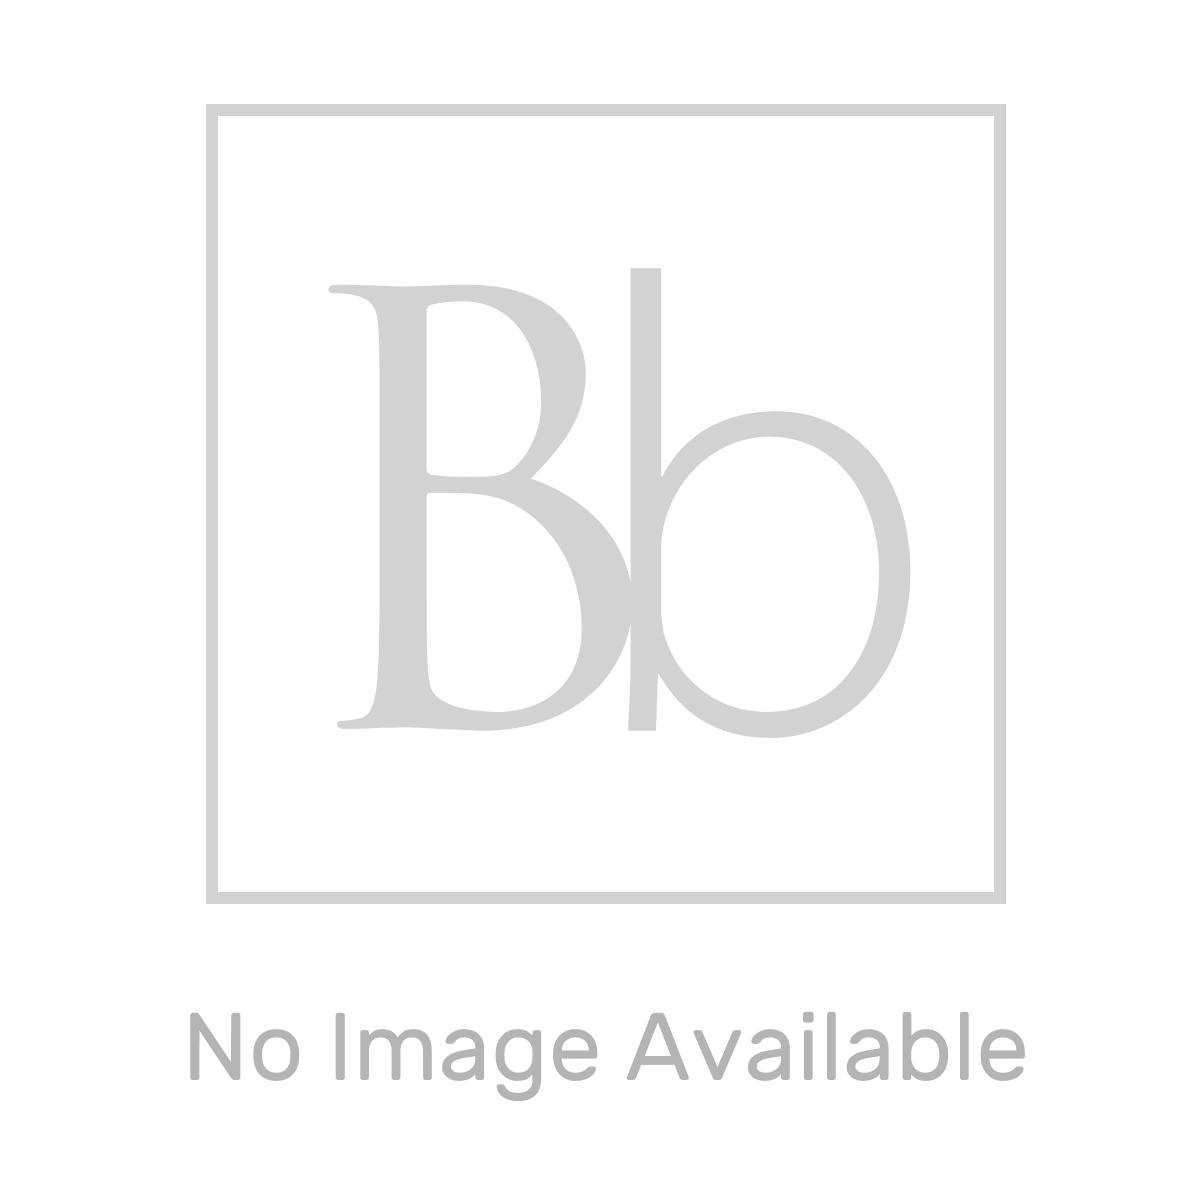 Kartell Astley Matt Grey Mirror Cabinet 600mm